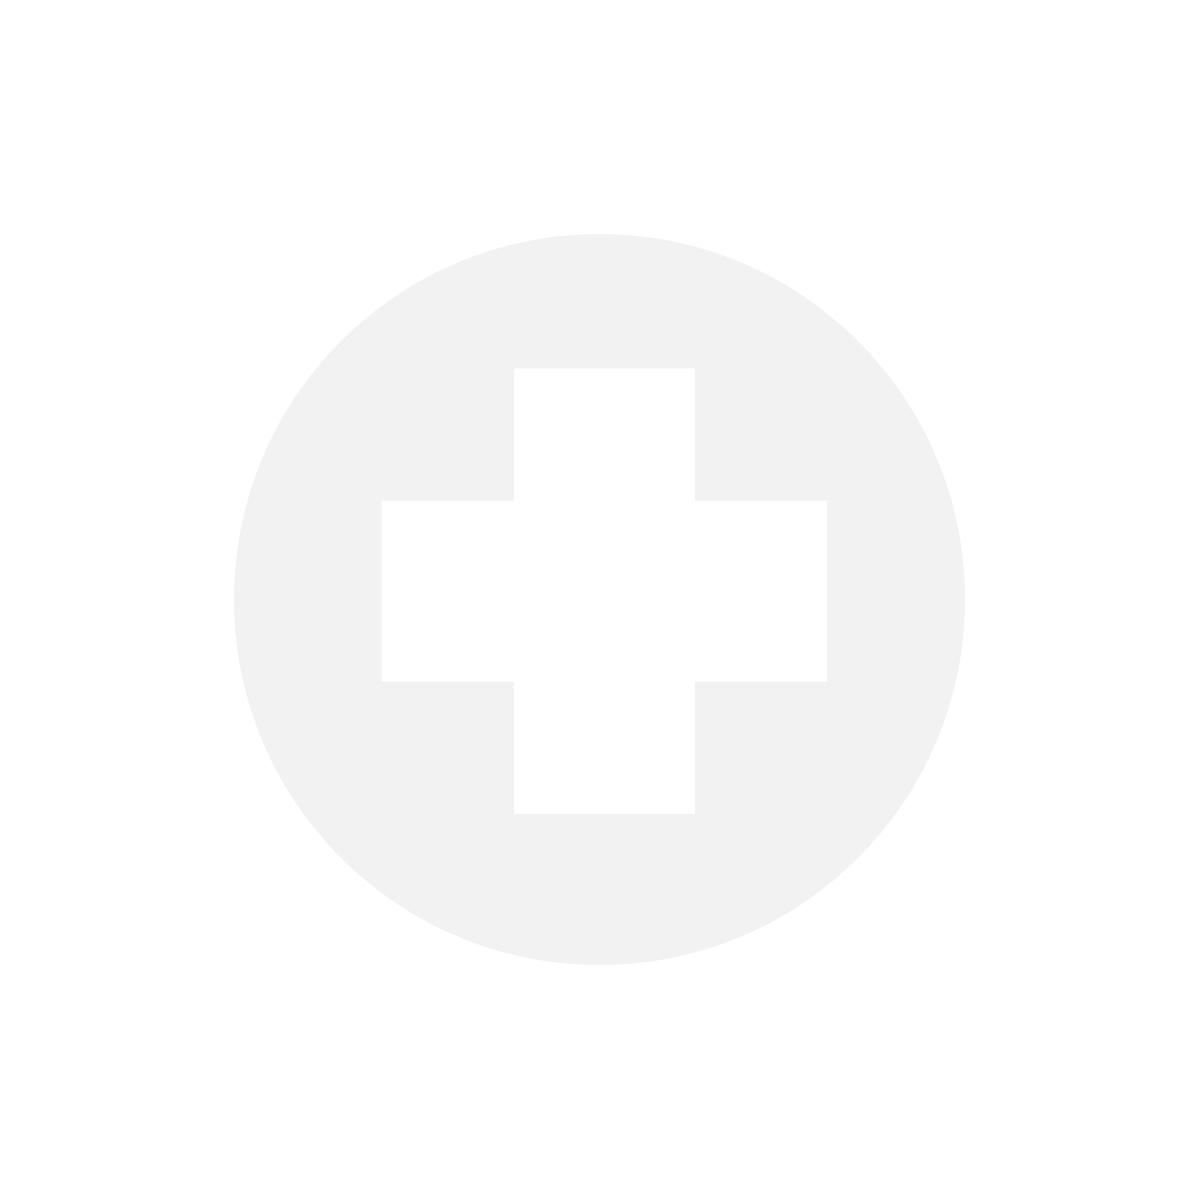 Sonic Vital XT Color - Tête bi-fréquence 1cm²